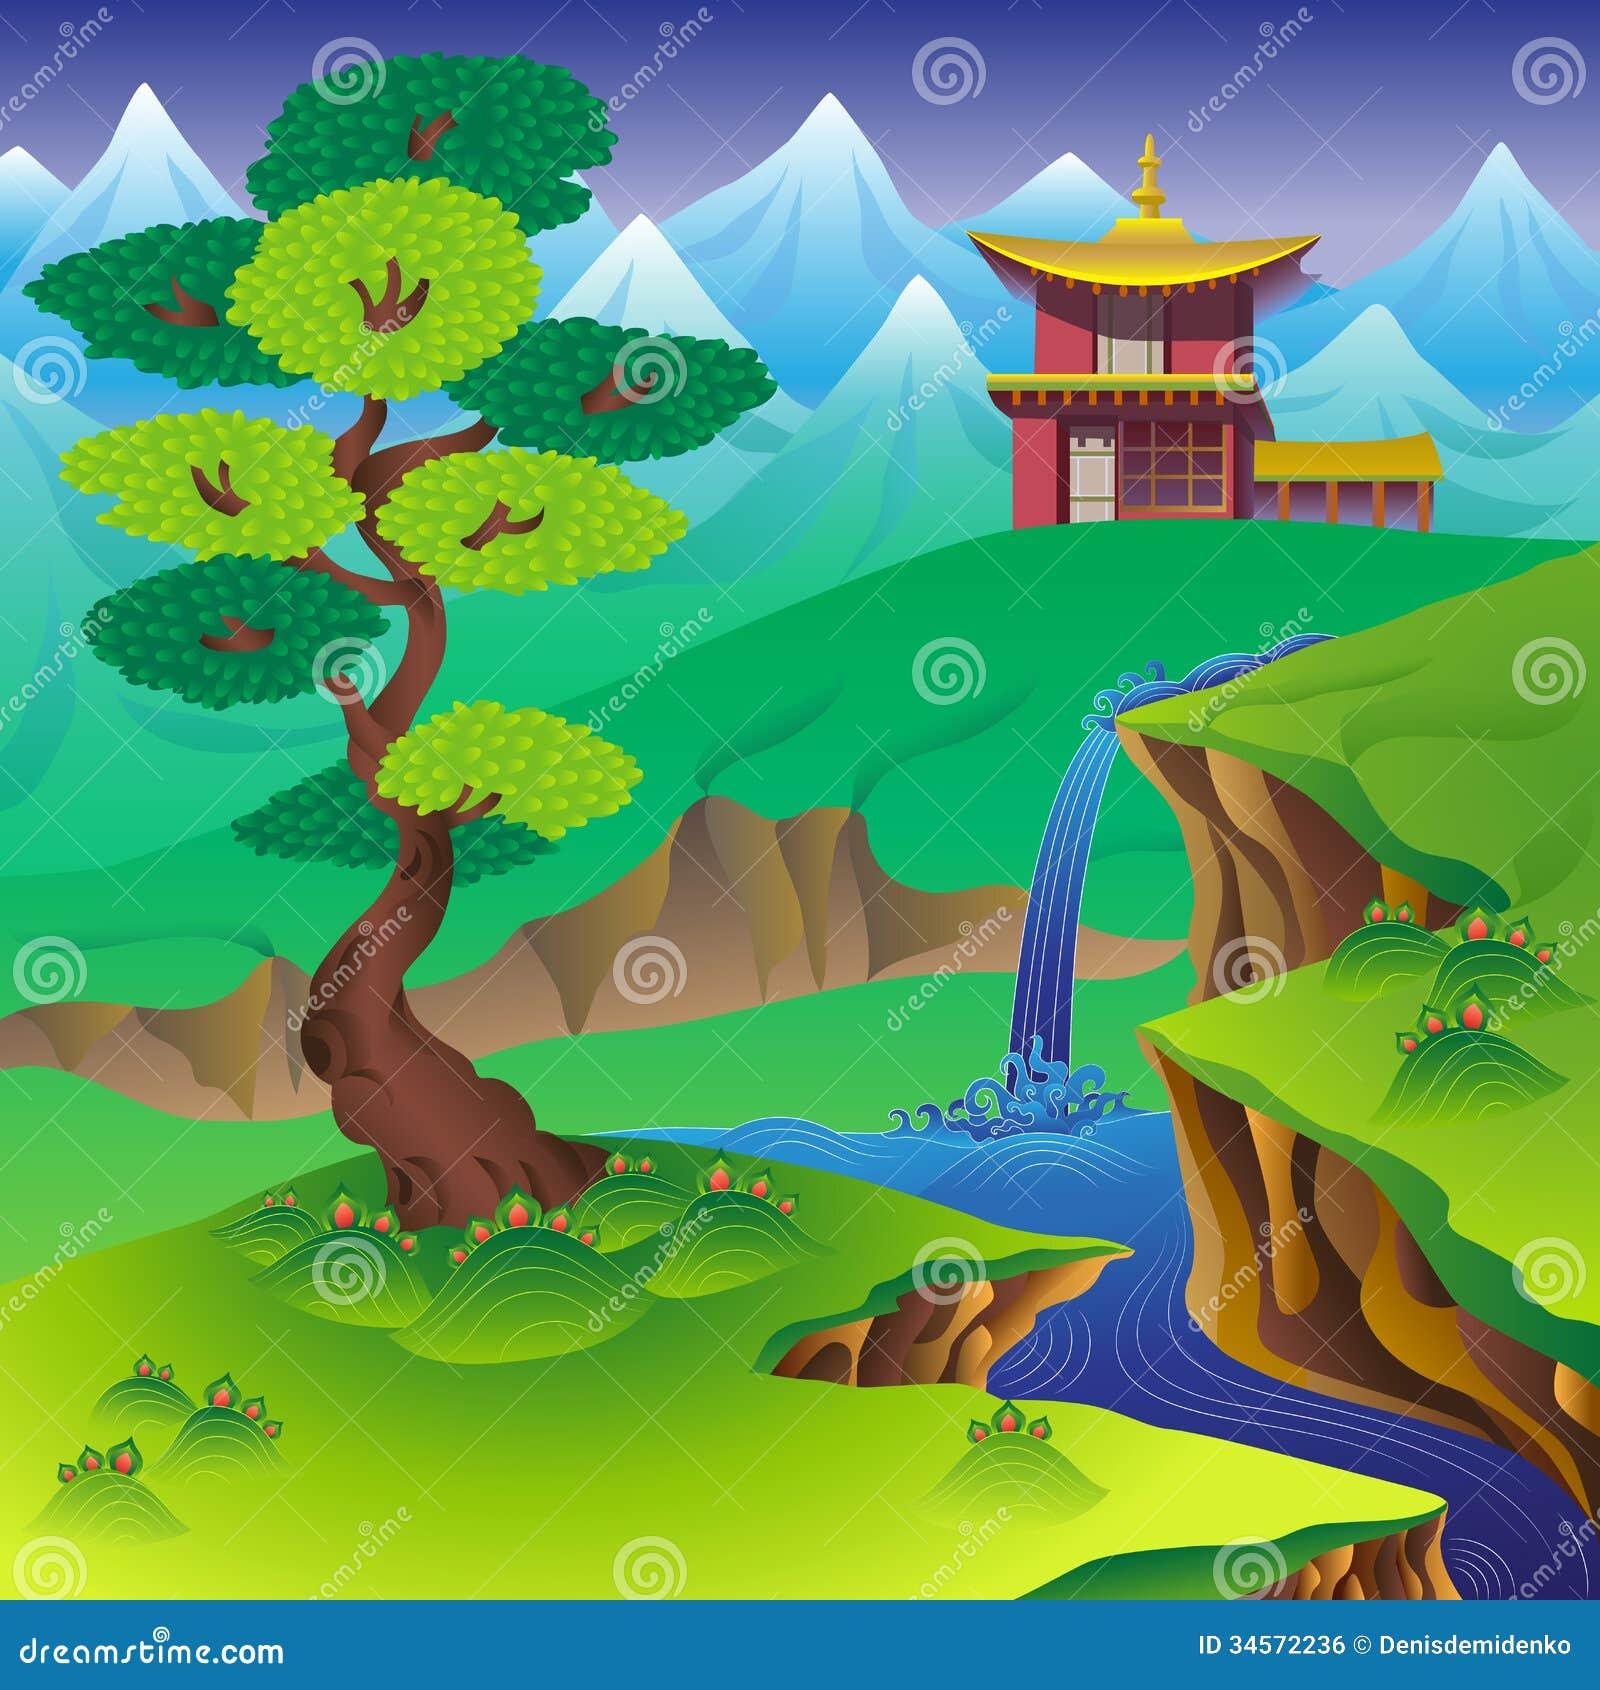 Chinese Landscape Royalty Free Stock Image - Image: 34572236